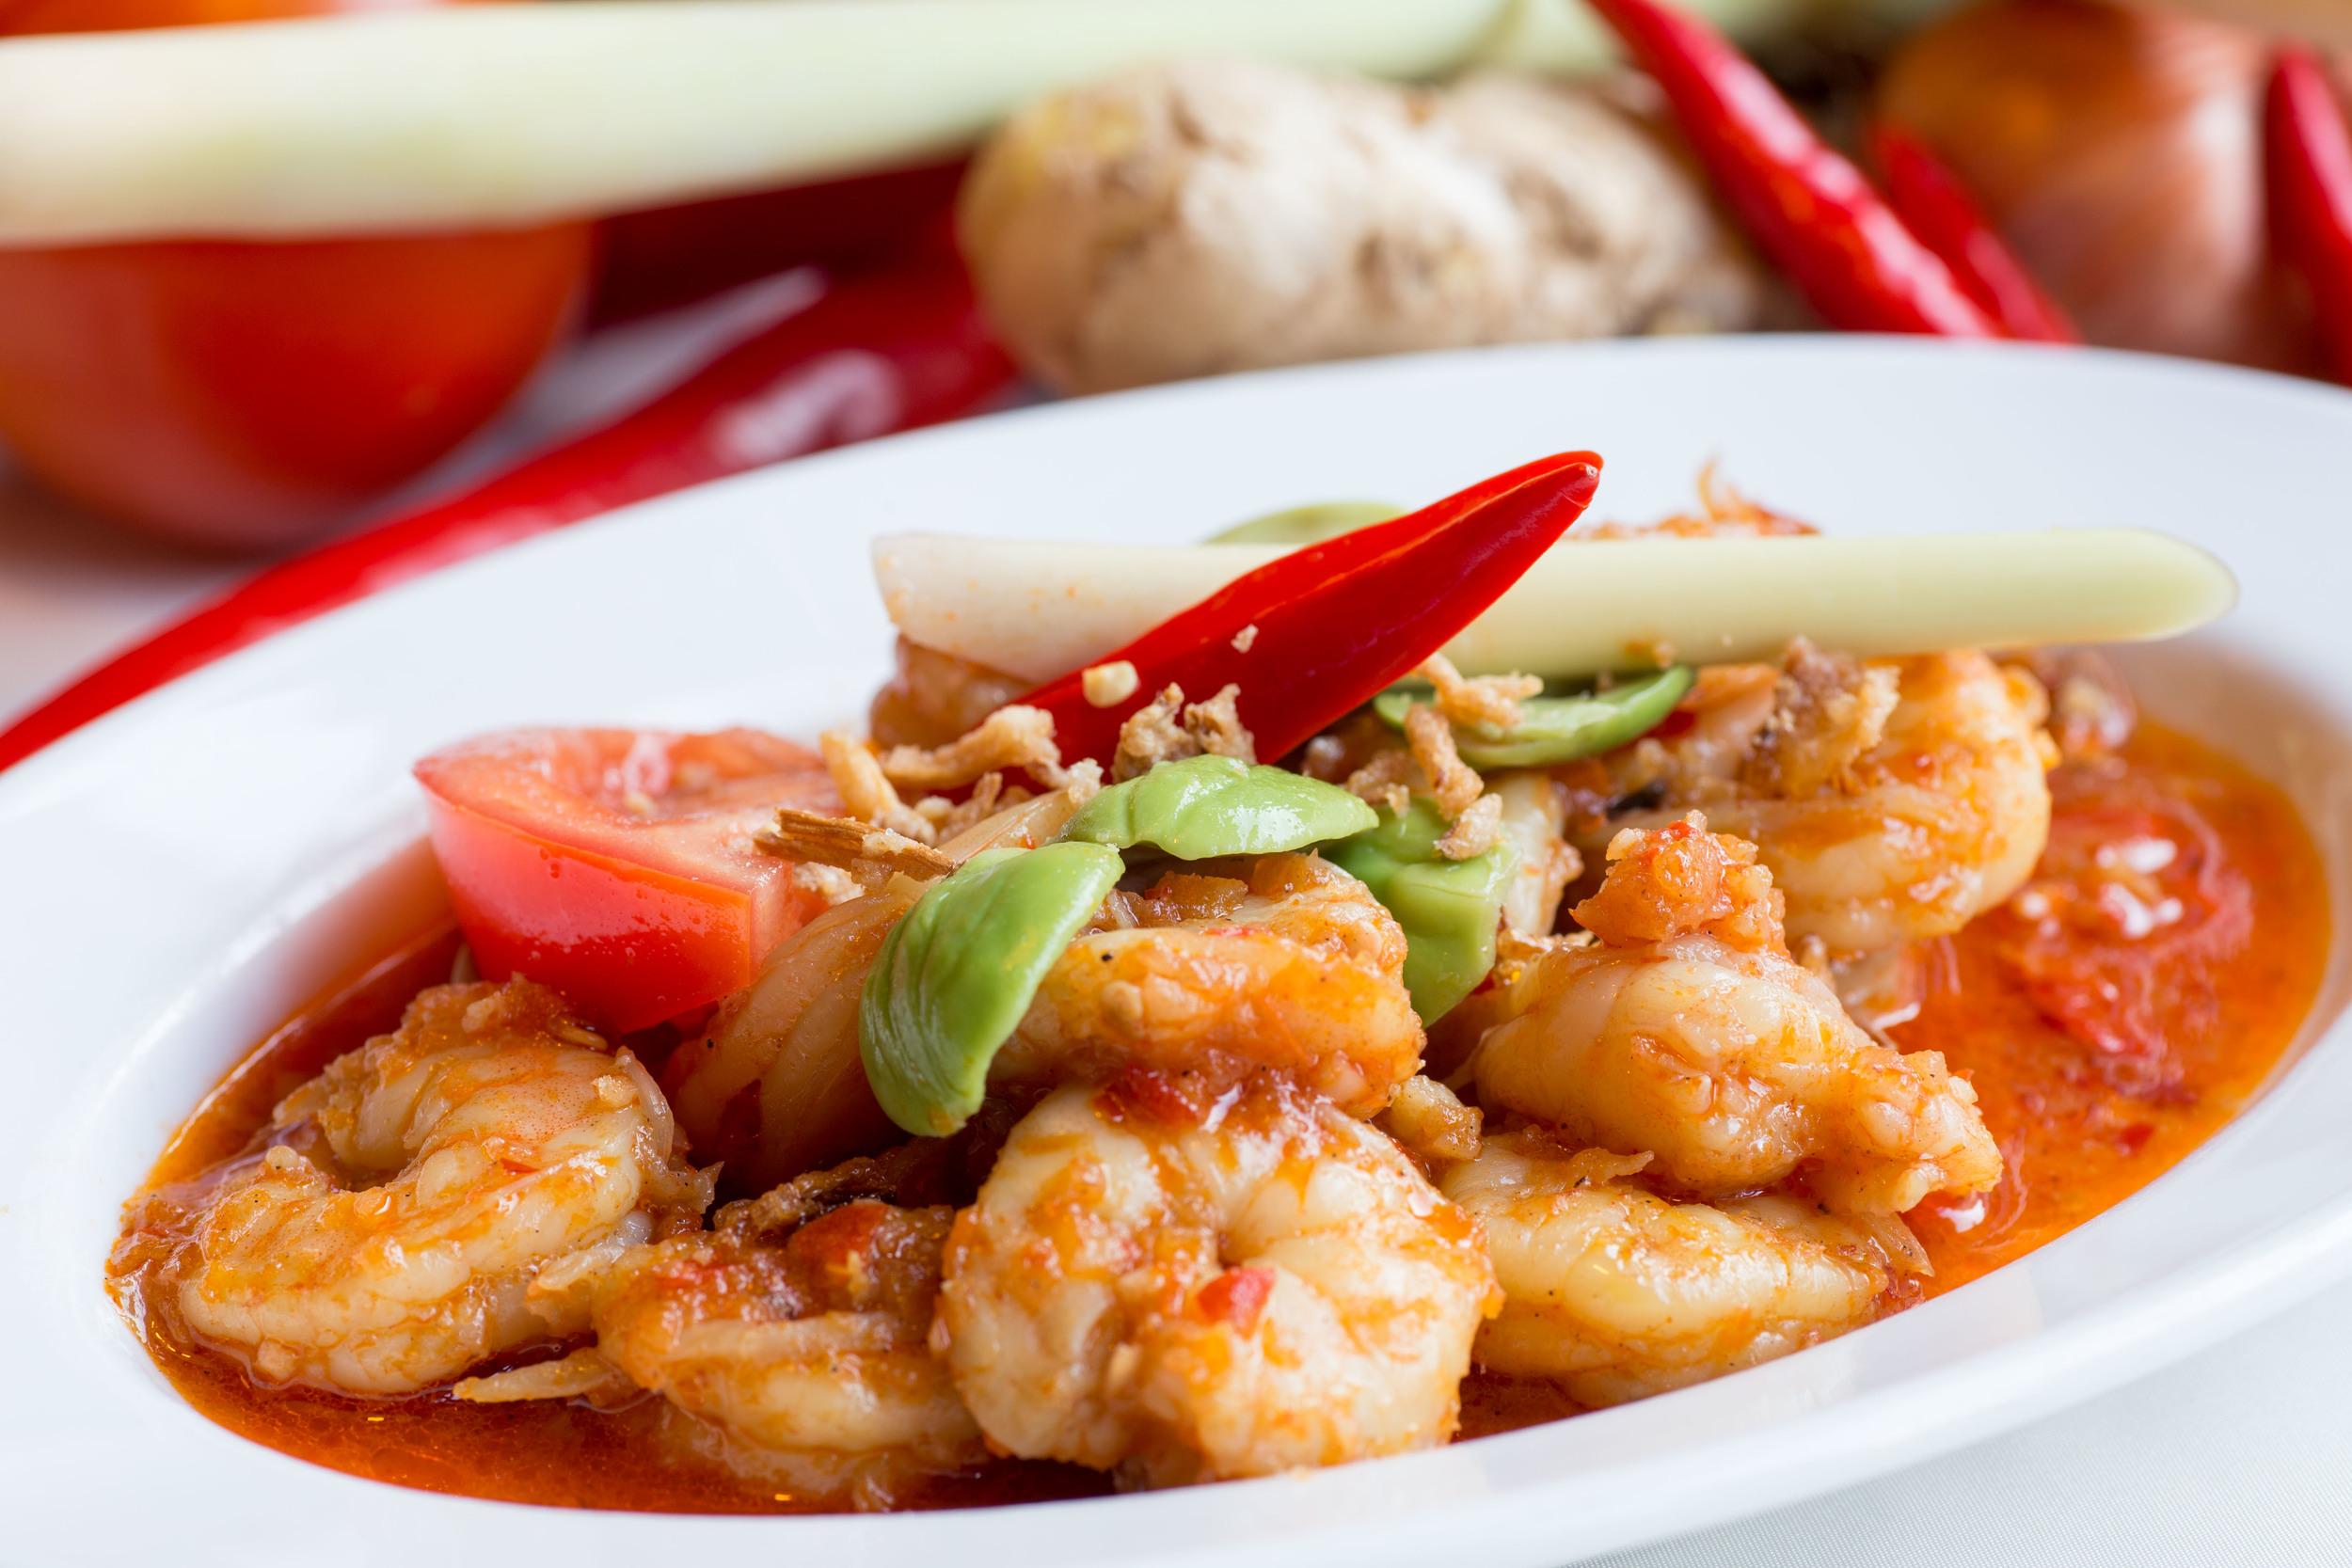 Toko Frederik Indonesische catering-6.jpg